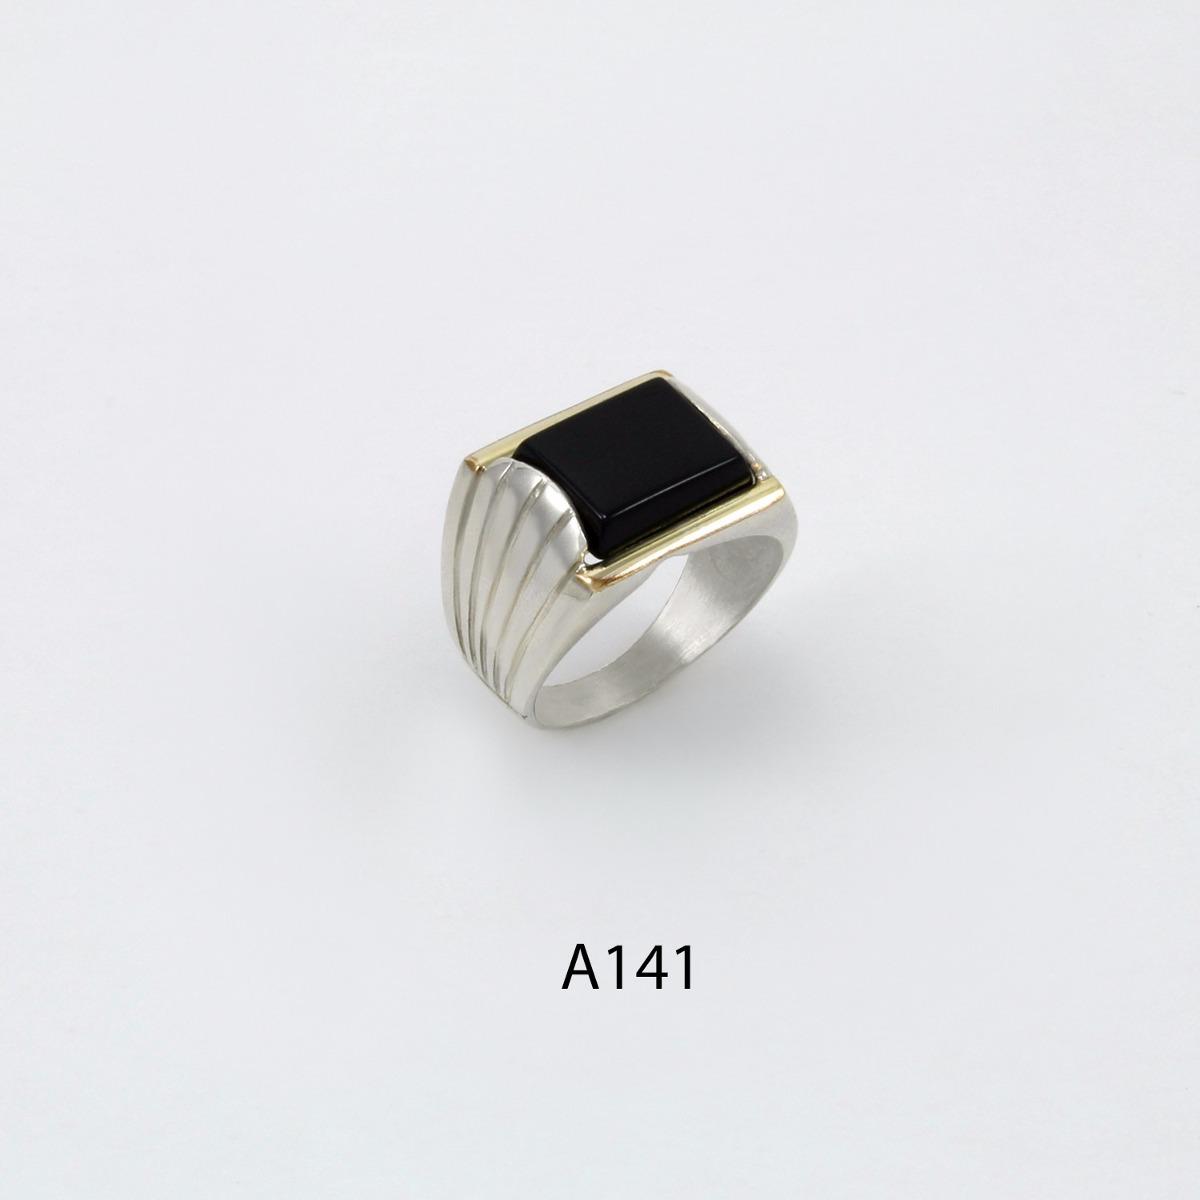 55545732dc53 anillo de plata 925 y oro codigo a141 piedra negra. Cargando zoom.